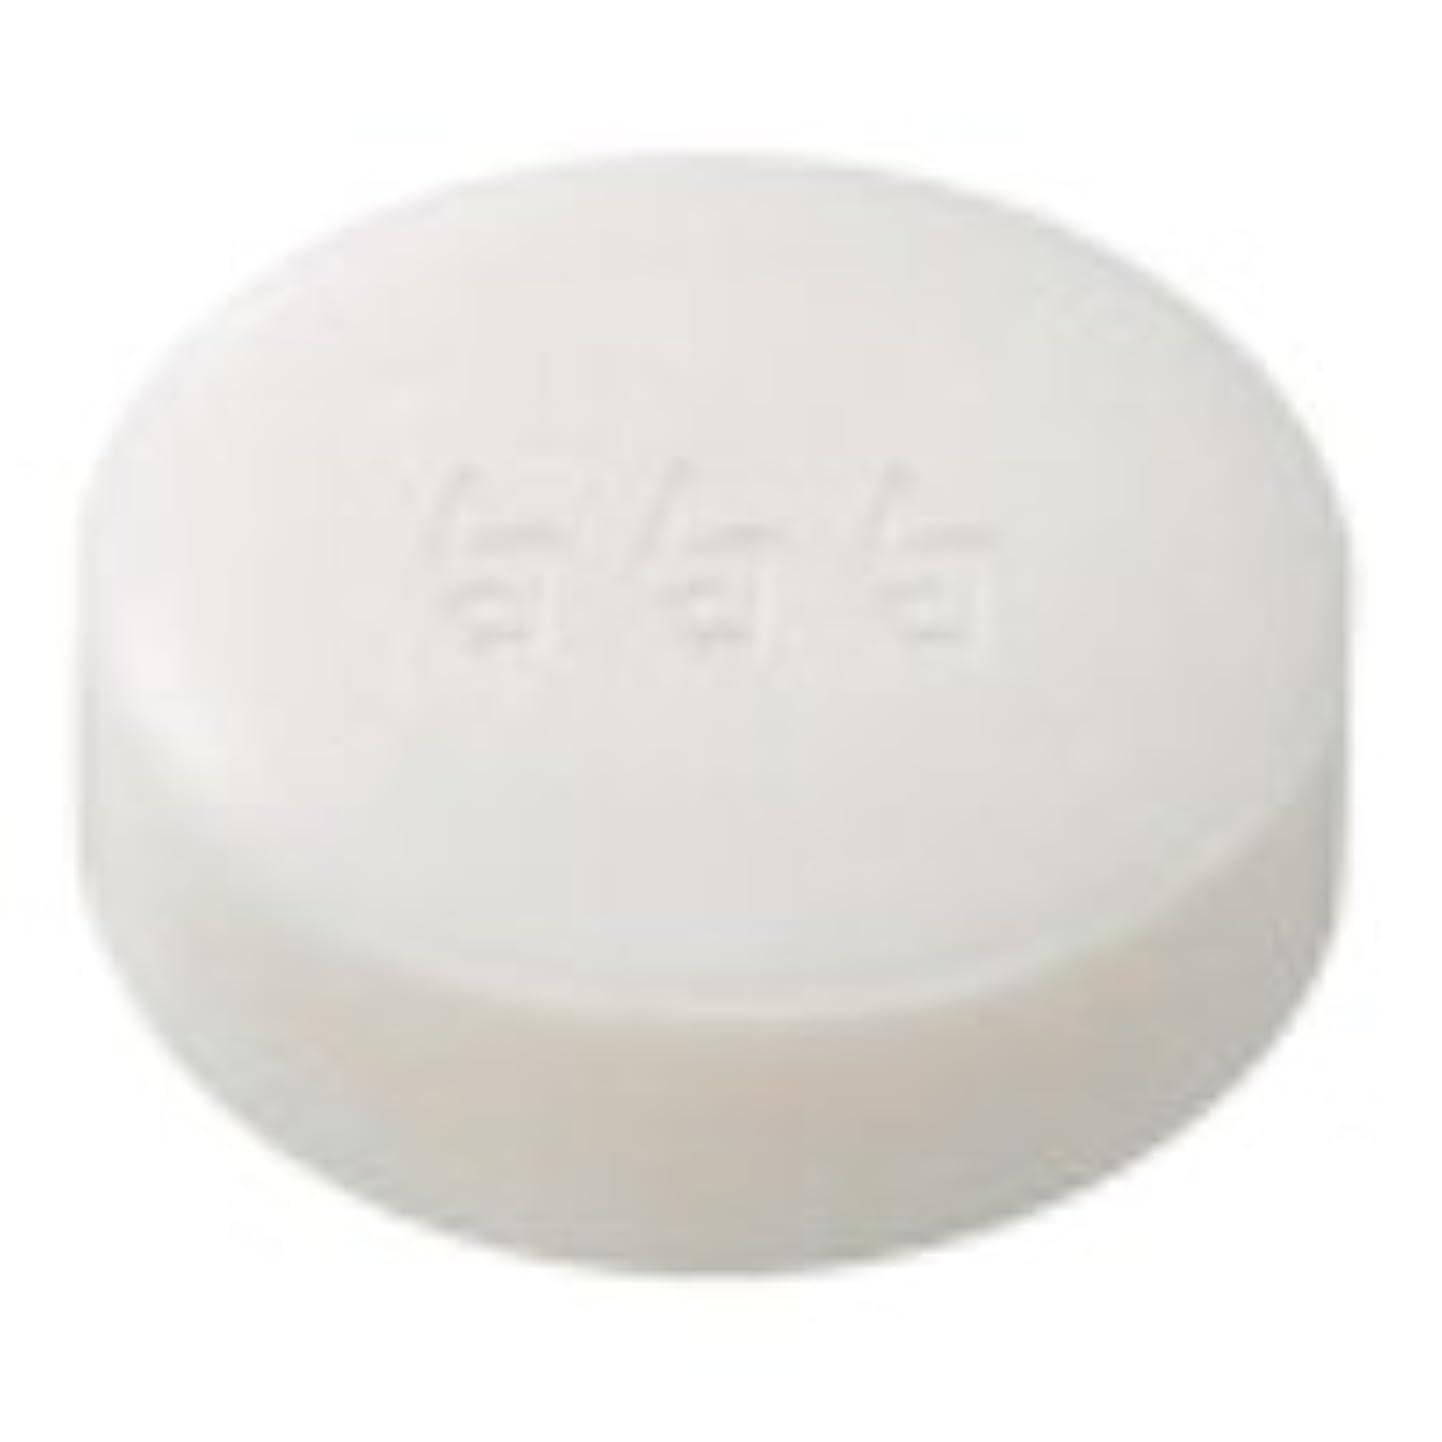 スーパーマーケットルネッサンス移植白白白ホワイトクリアソープ 90g